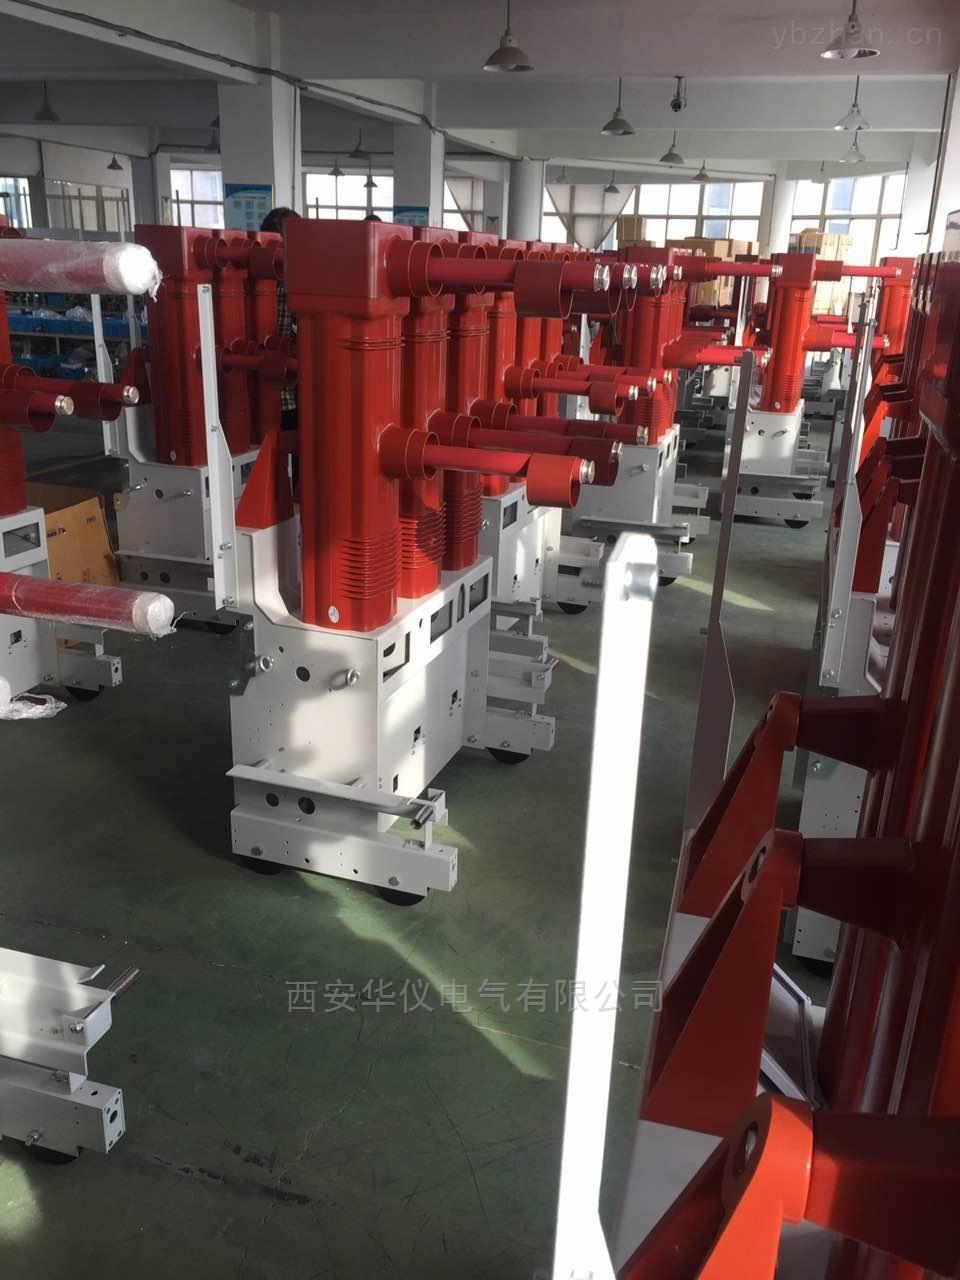 重慶市ZN85-40.5固封極柱式斷路器現貨